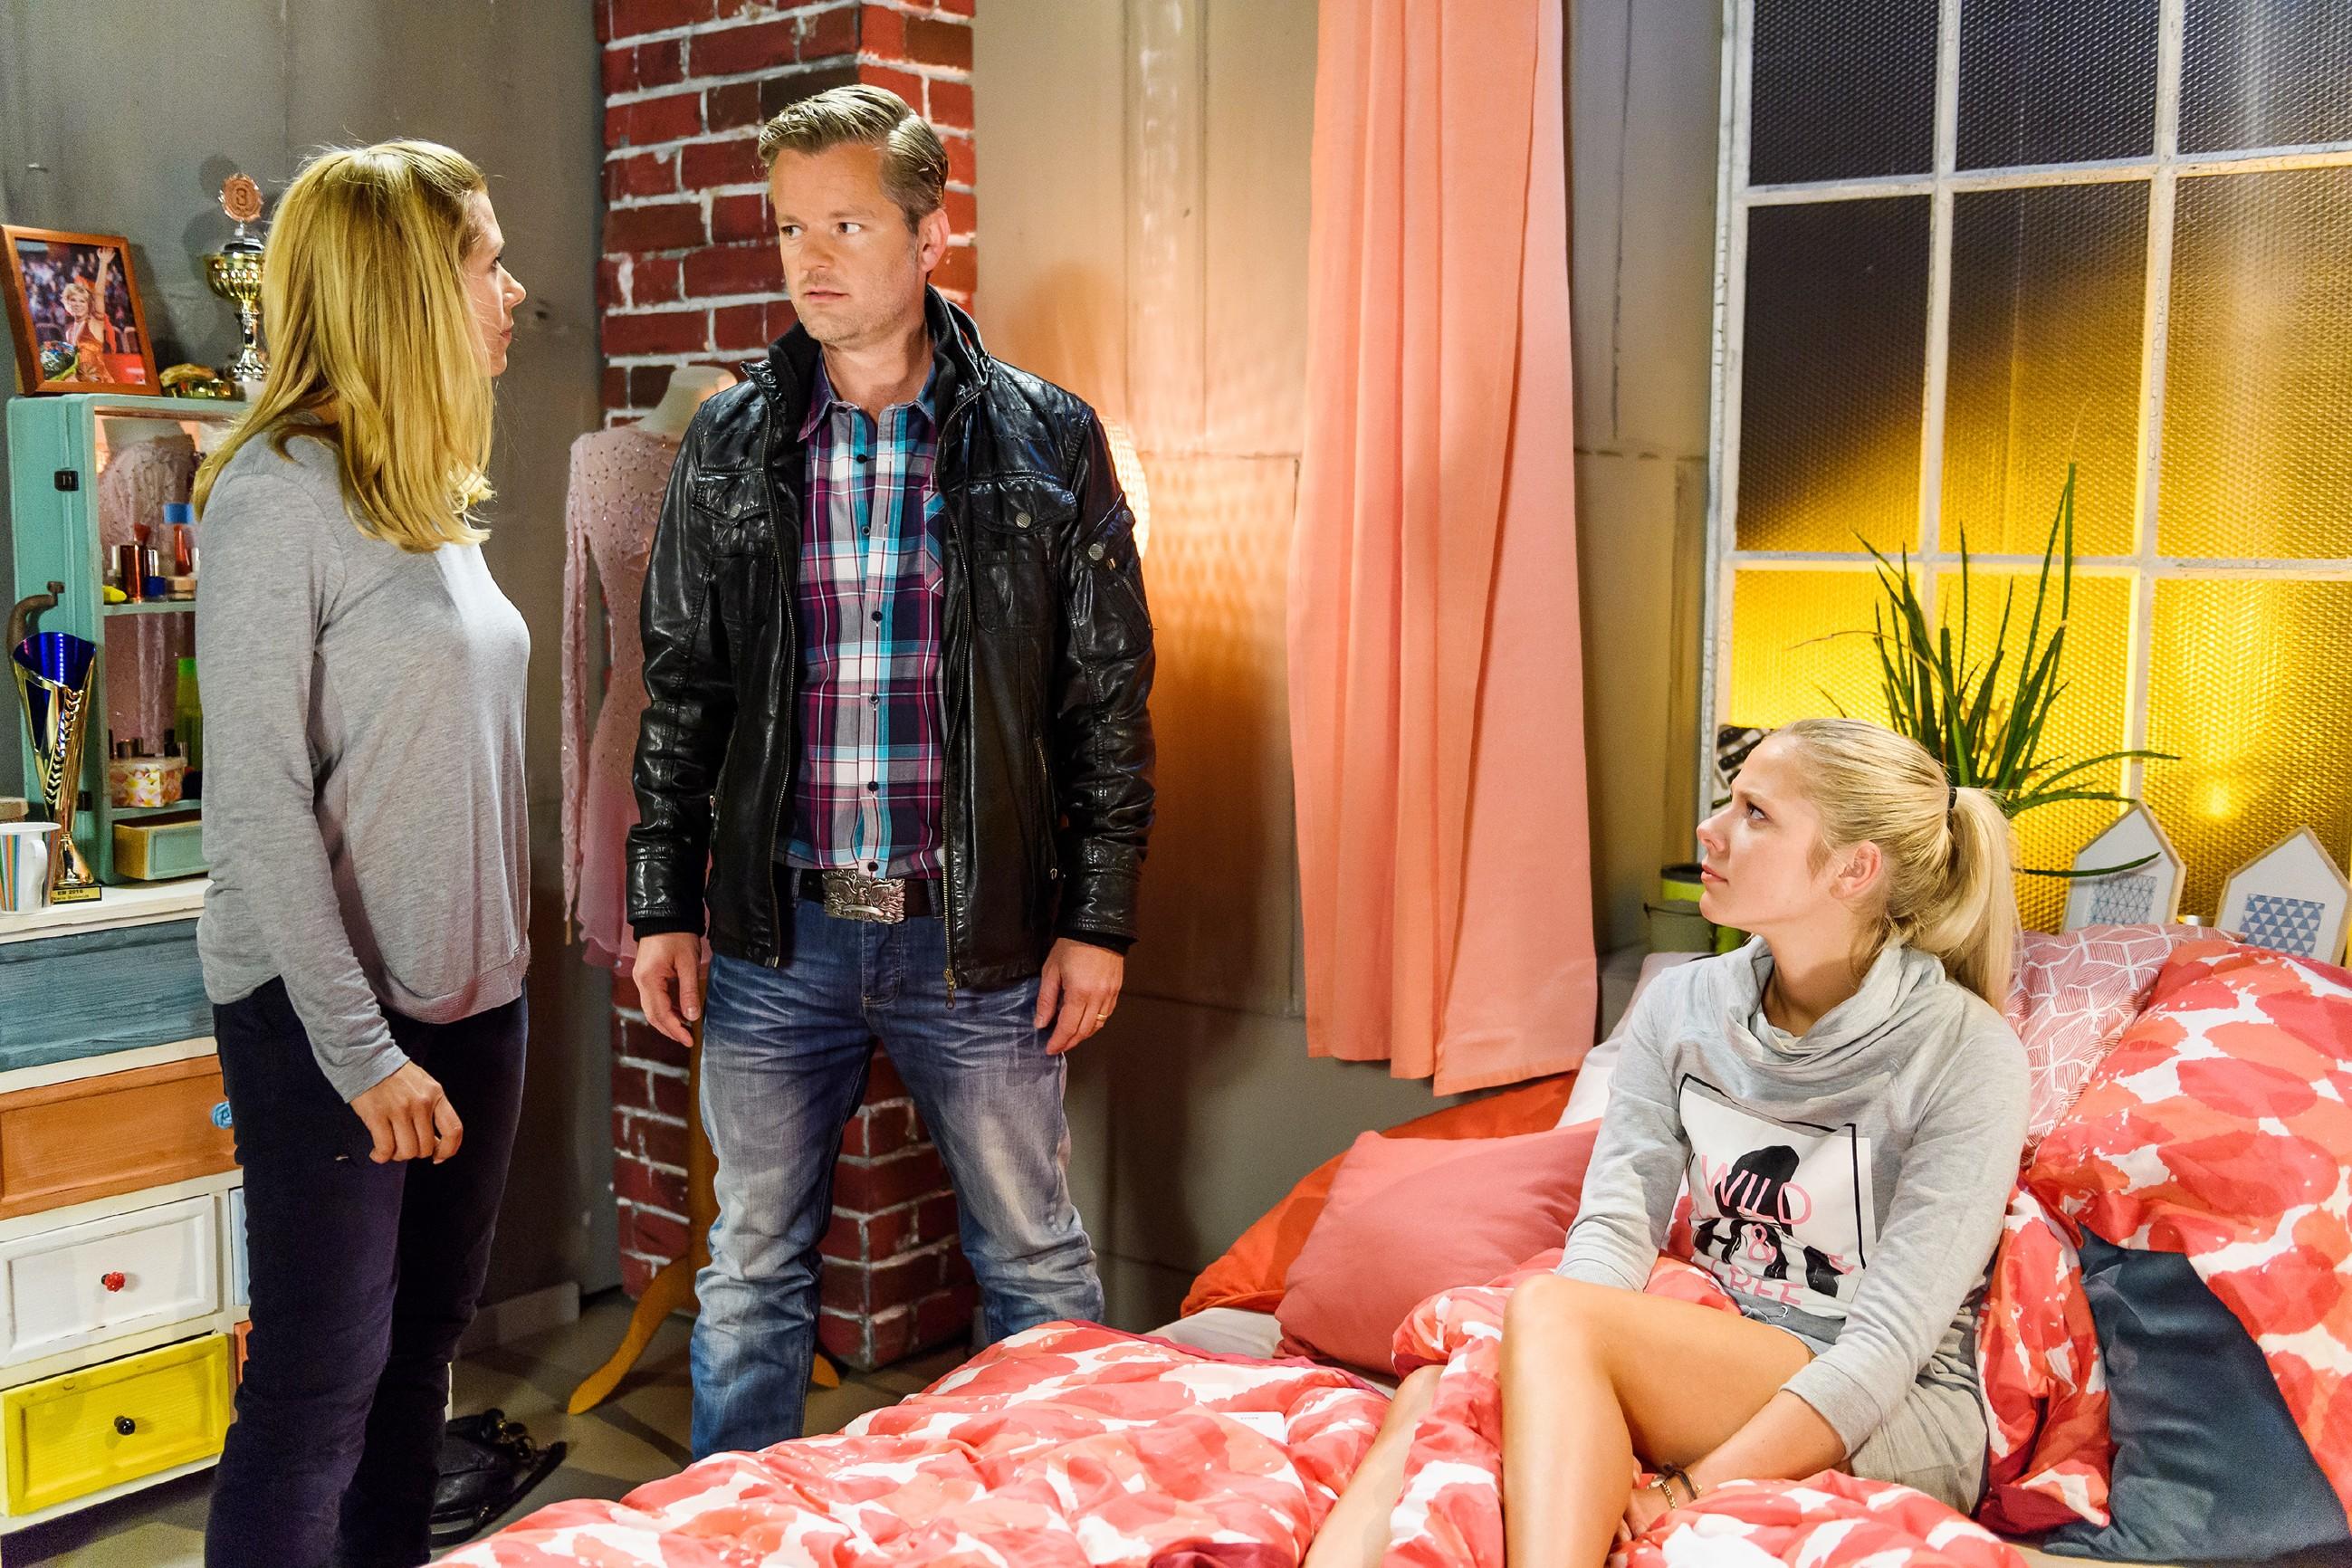 Diana (Tanja Szewczenko, l.) erzählt Ingo (André Dietz) und Marie (Cheyenne Pahde) von ihrem erfolglosen Gespräch mit Jenny. (Quelle: RTL / Willi Weber)